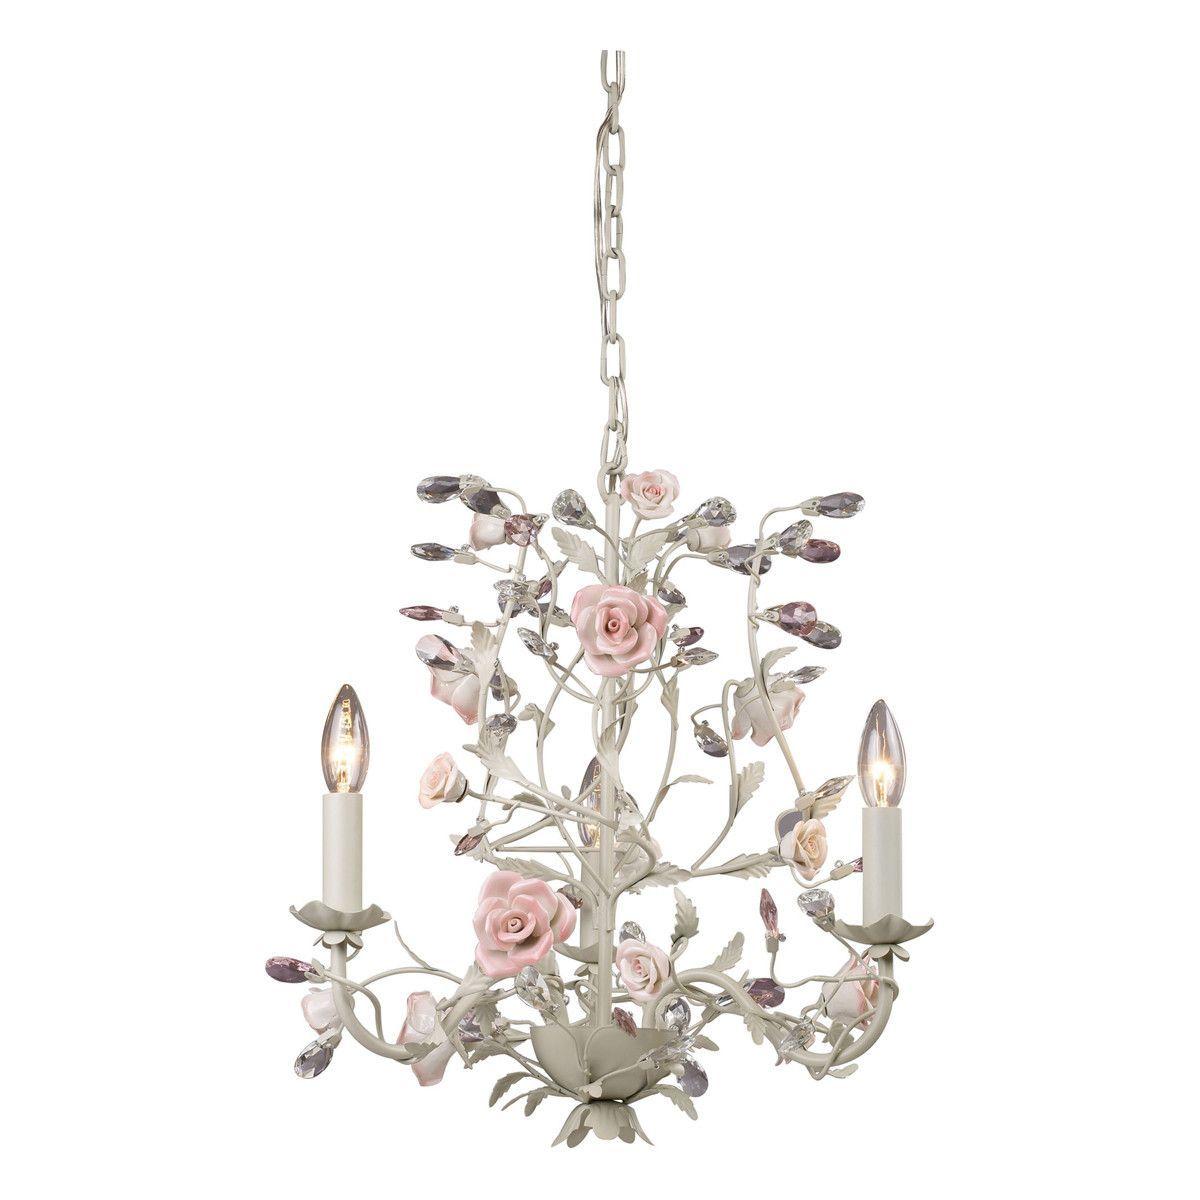 Heritage 3 light chandelier in cream chandeliers cream heritage 3 light chandelier in cream mozeypictures Images